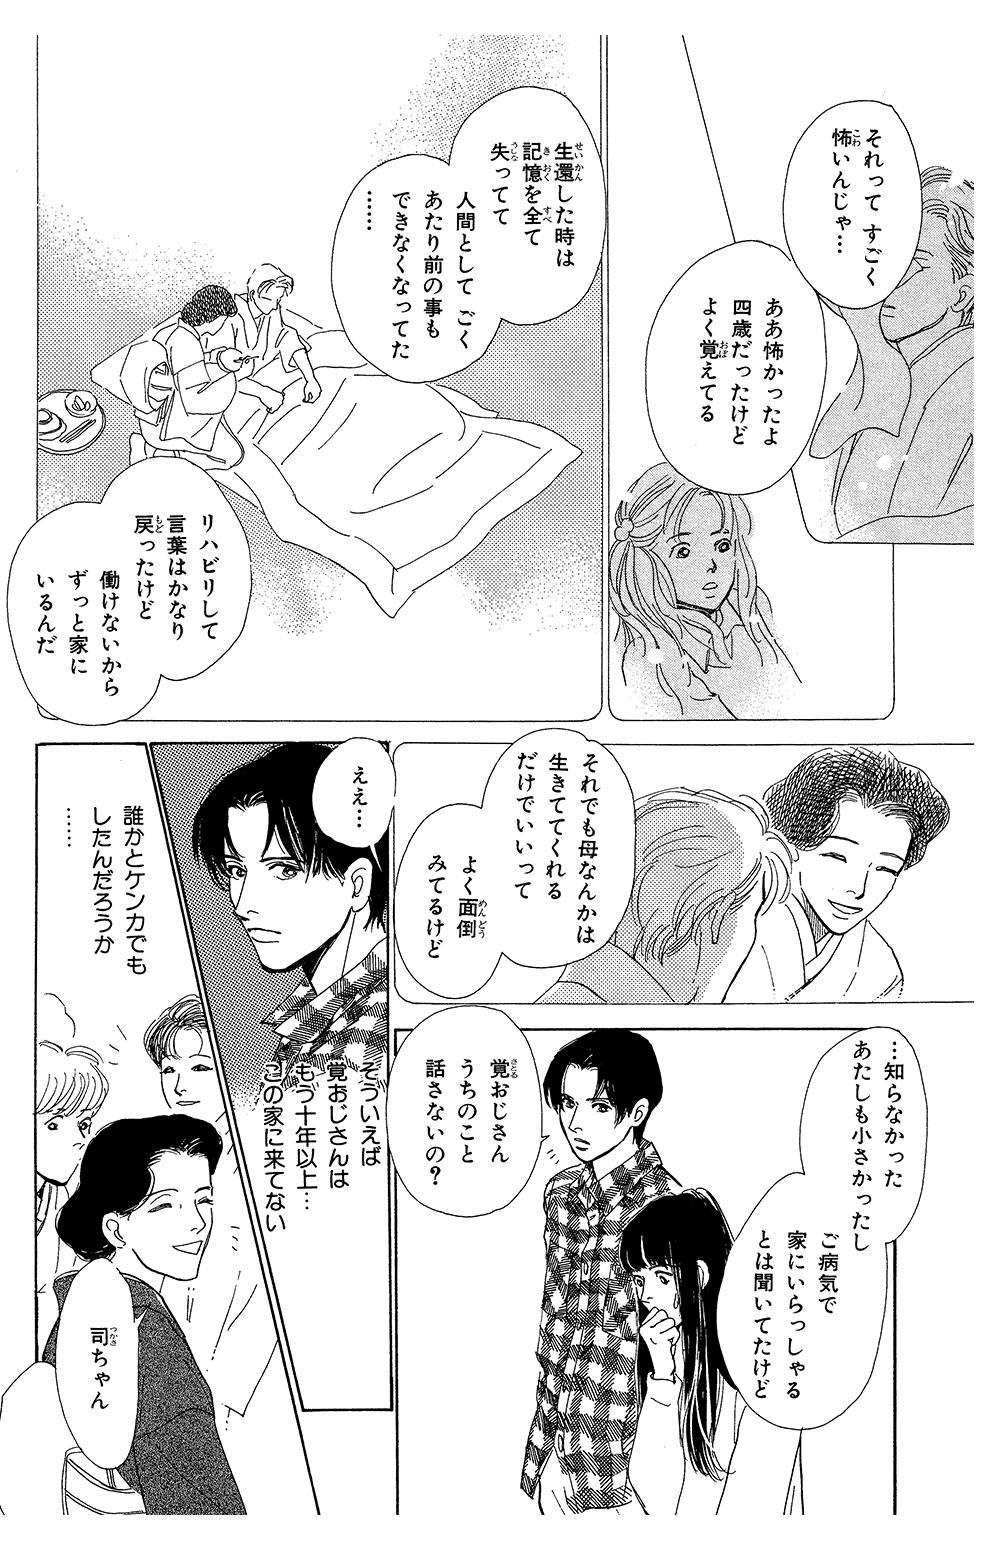 百鬼夜行抄 第1話「闇からの呼び声」③hyakki1-3-5.jpg